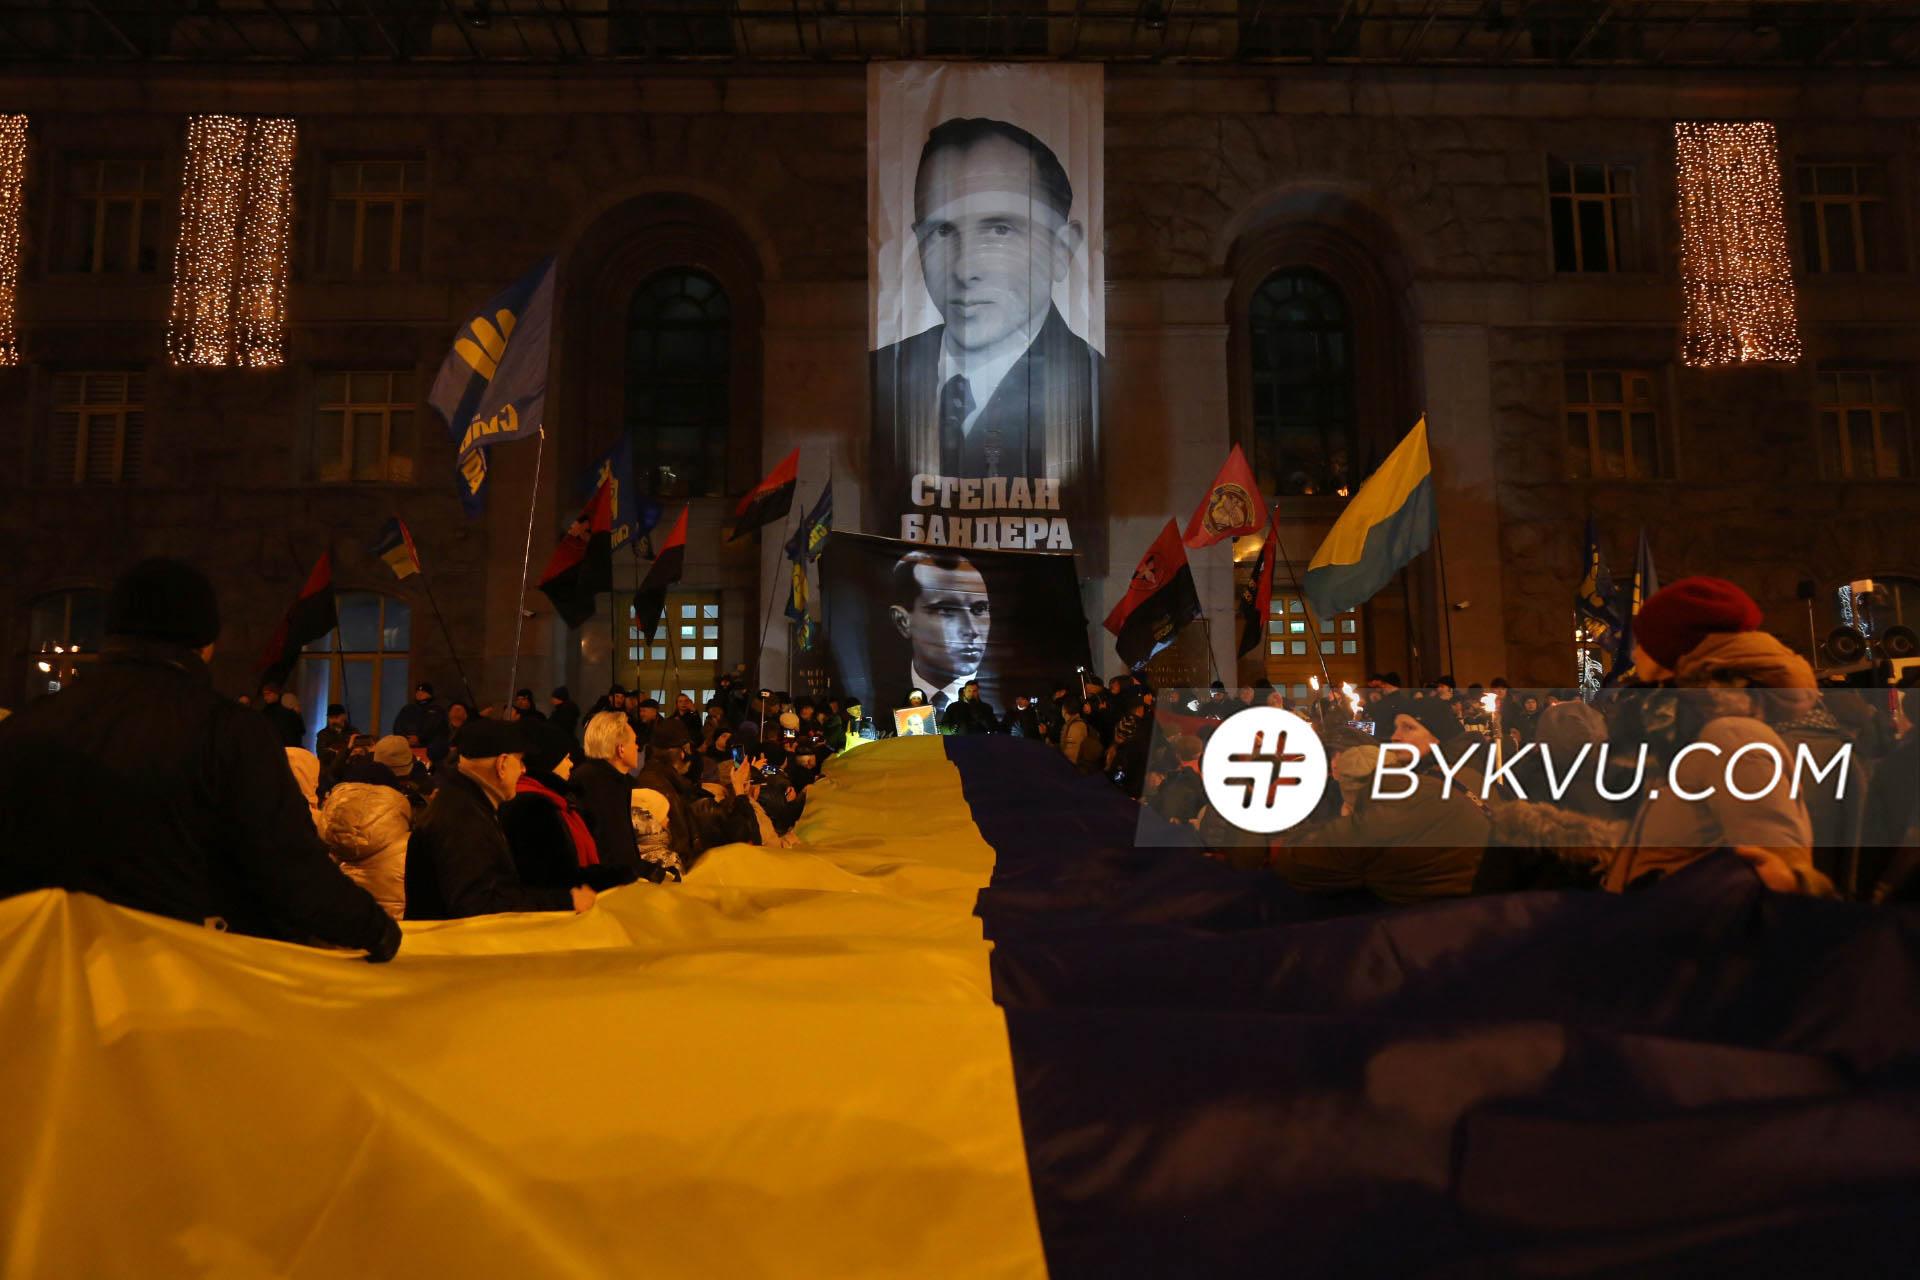 В Украине сегодня отмечают день рождения Бандеры